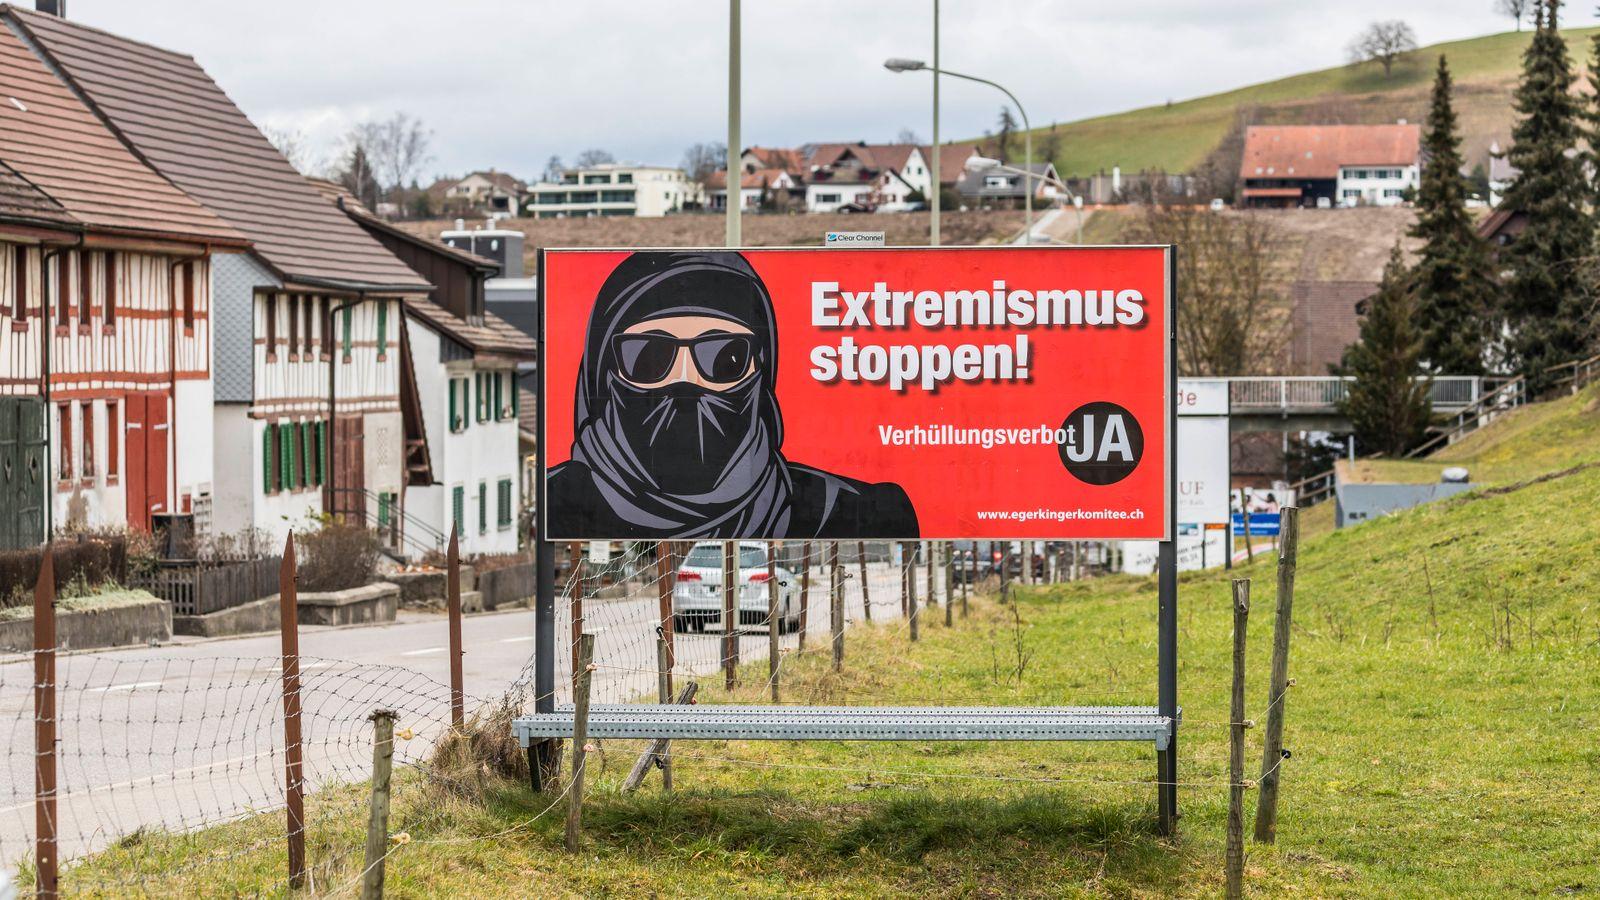 Eglisau, Schweiz - 7. Februar 2021: Die Initianten das Egerkinger Komitee können sich zuversichtlich zeigen - viel Gege